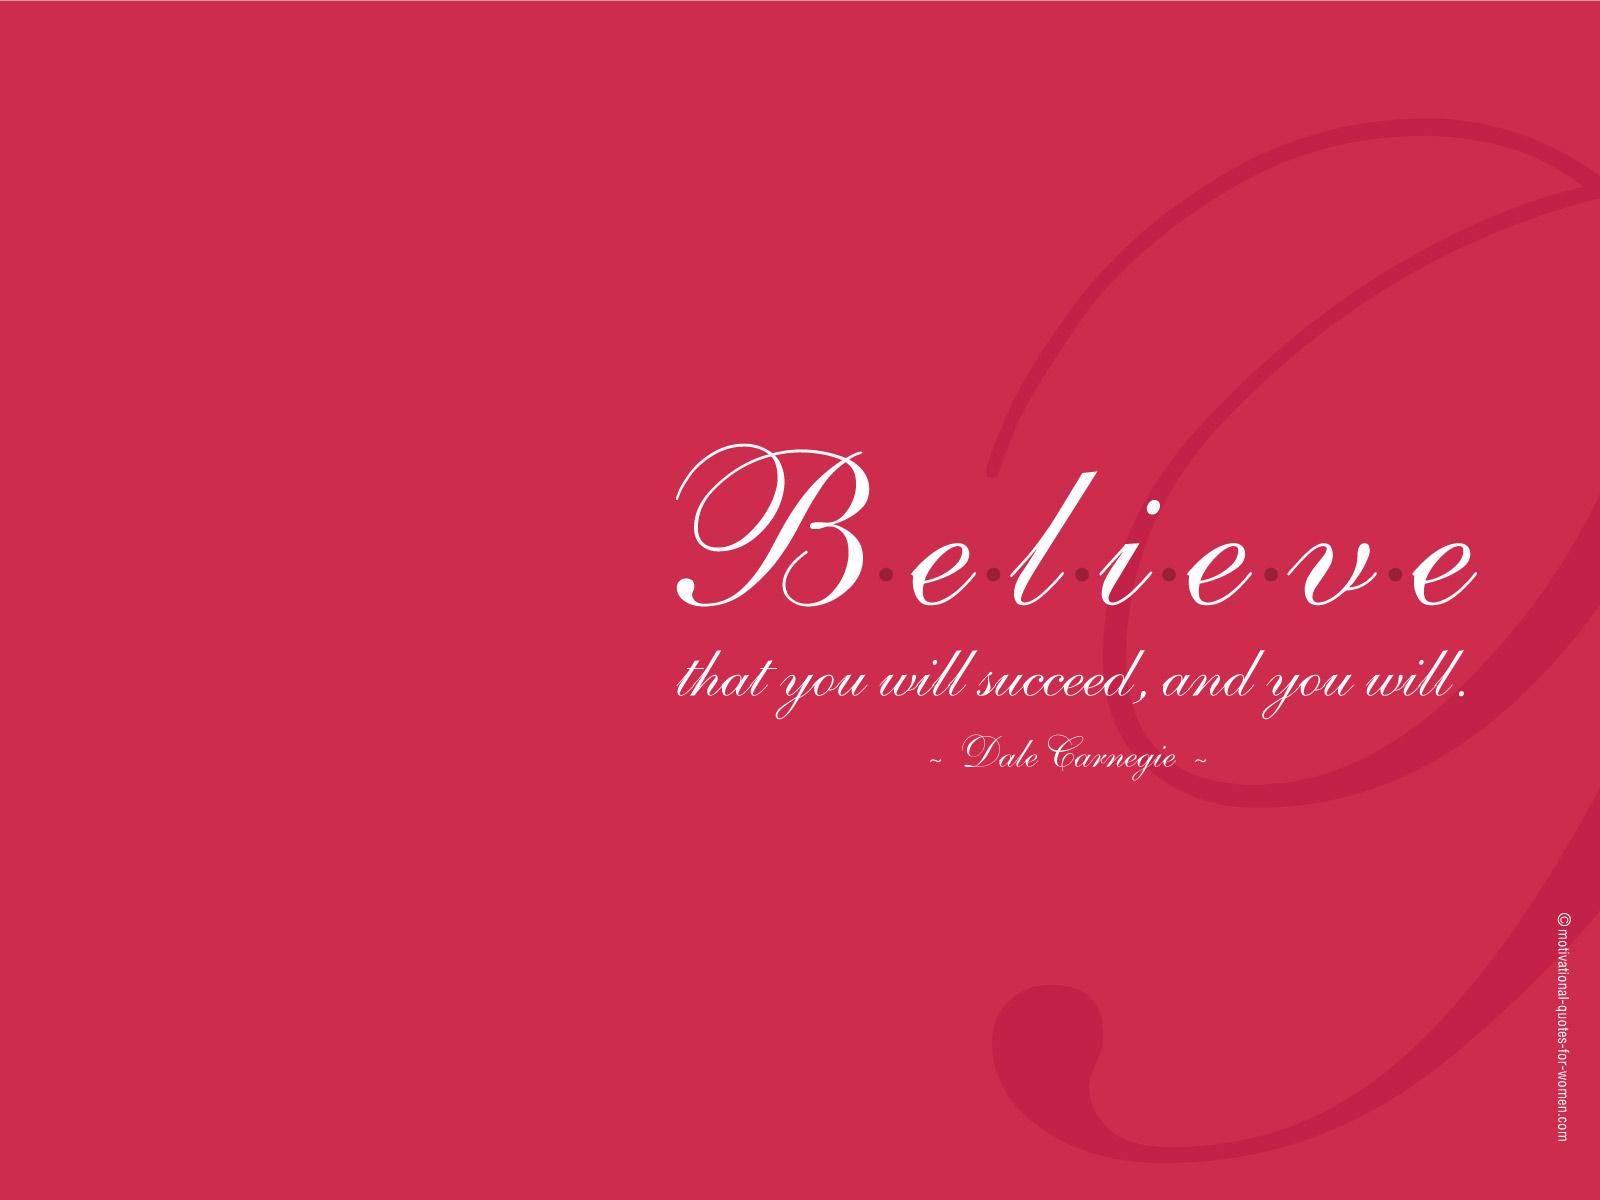 Inspirational Quotes QuotesGram 1600x1200